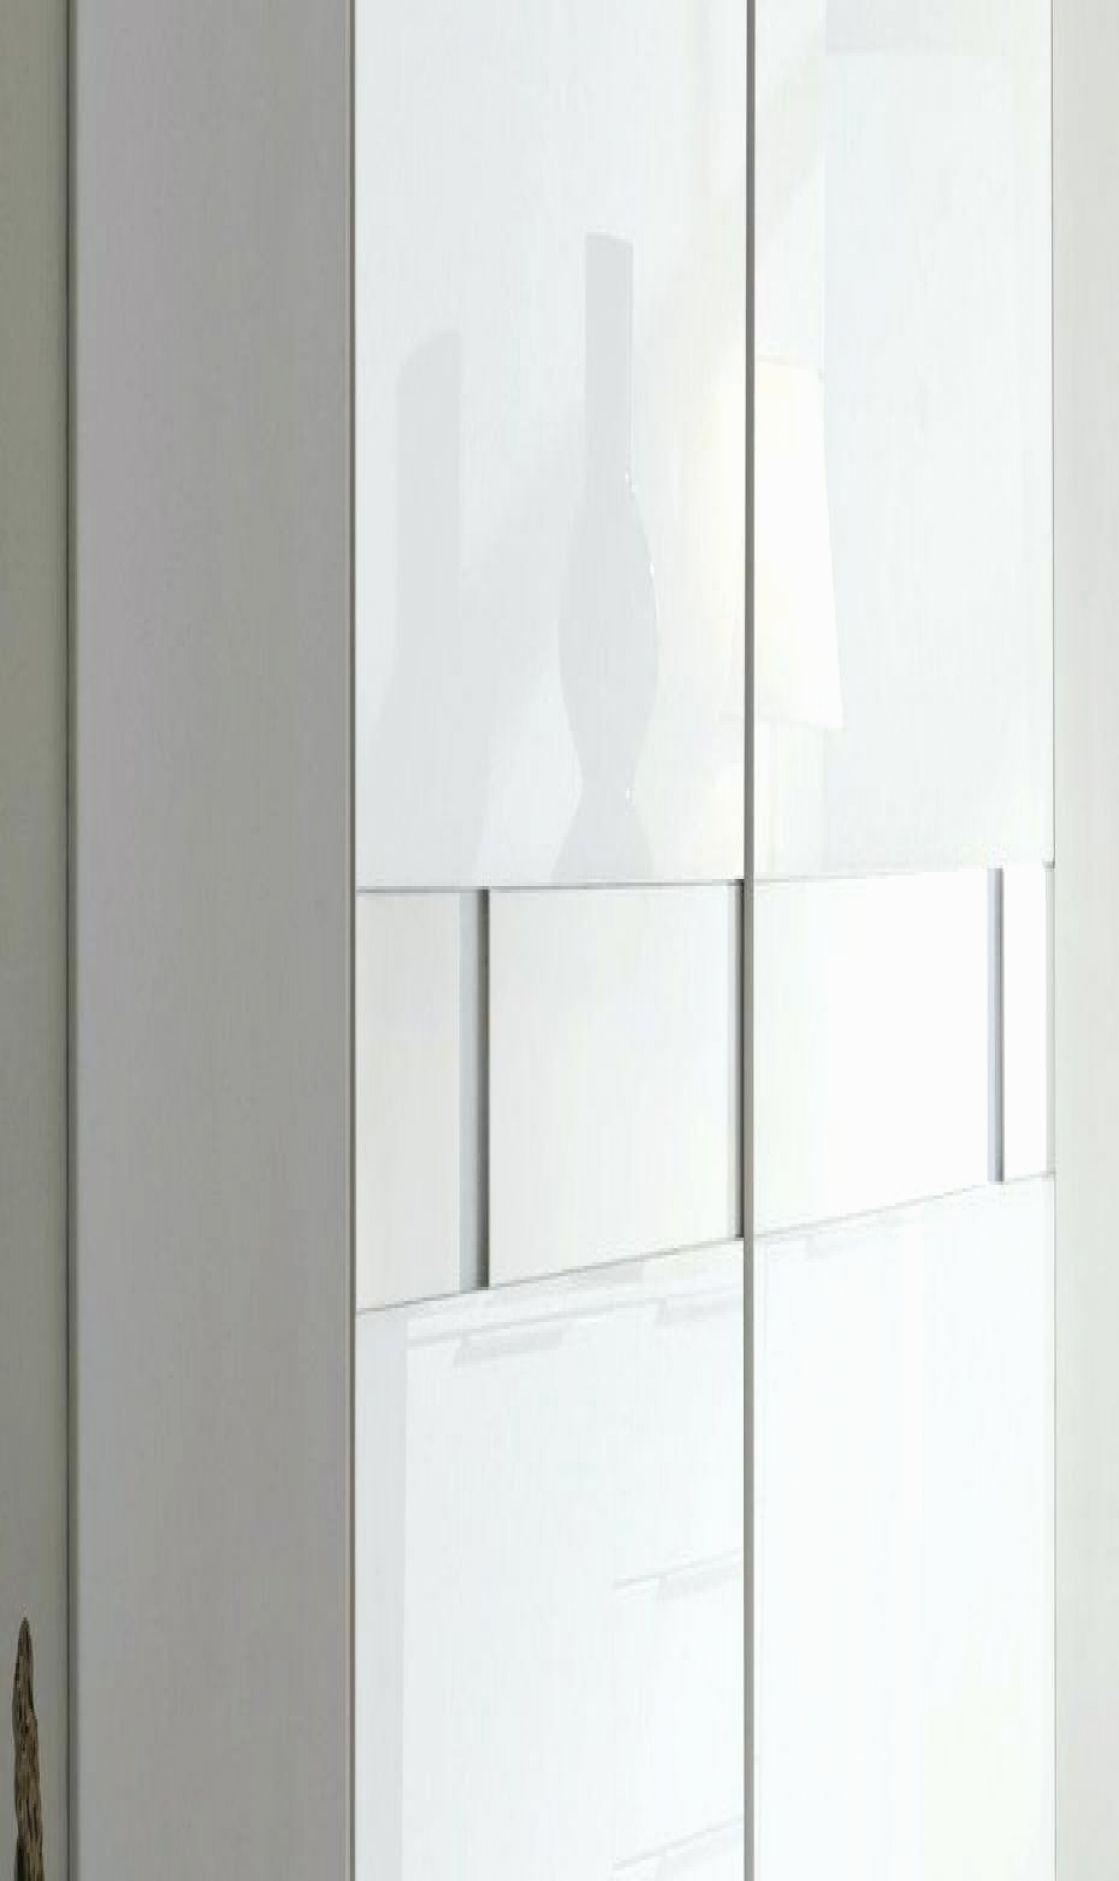 300 Cm Breit Schlafzimmer Schrank Schiebeturen 300 Cm In 2020 Schlafzimmer Schrank Schrank Zimmer Schrank Design